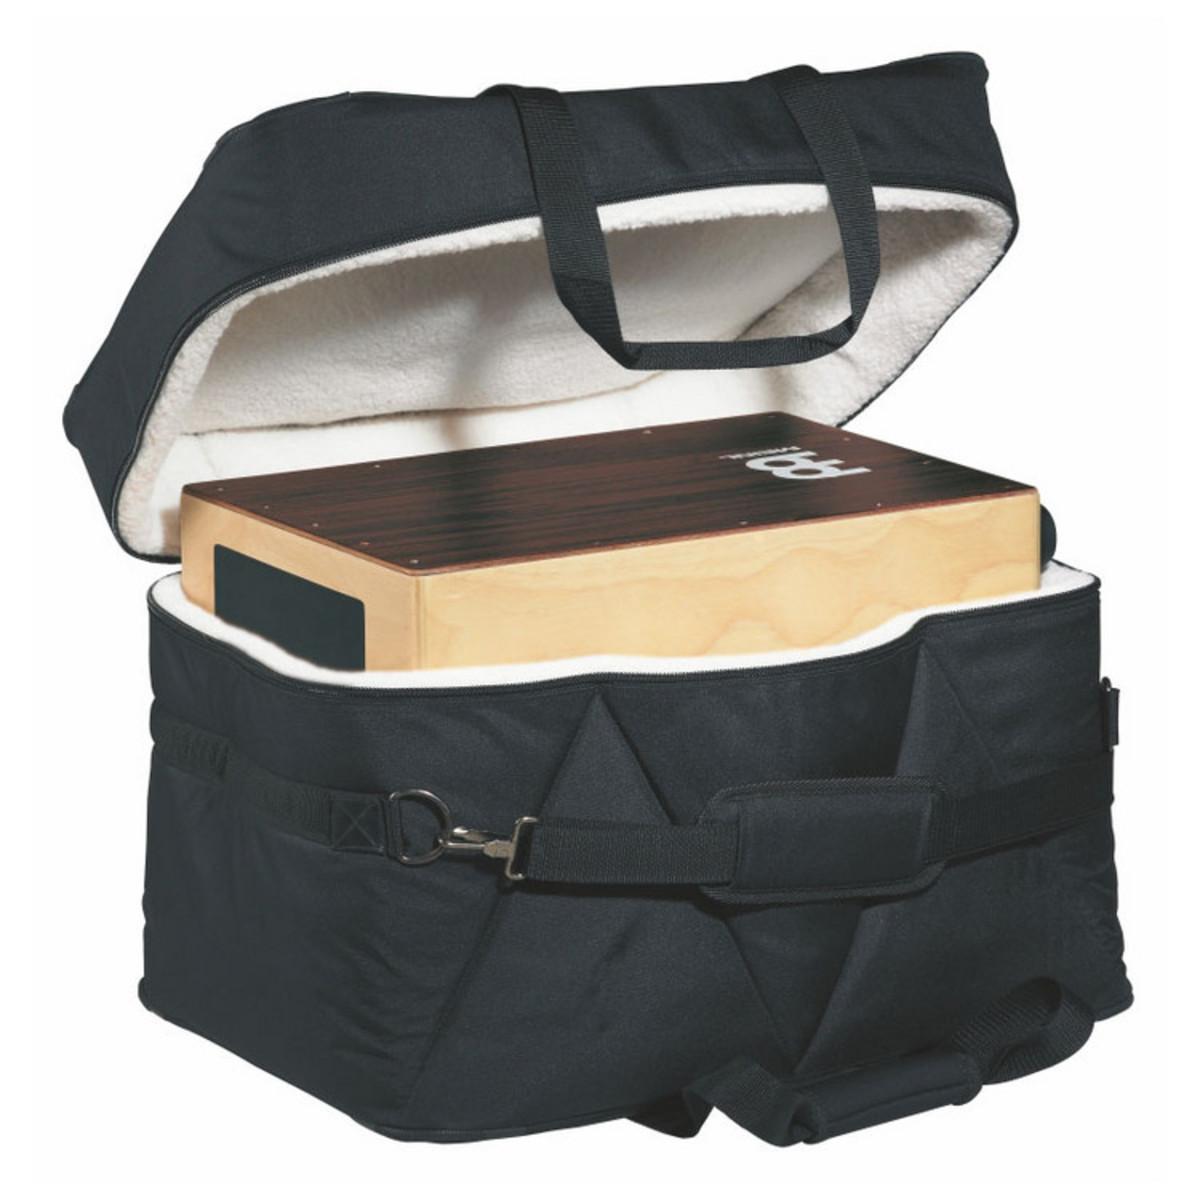 Meinl MDLXCJB-L Deluxe Cajon Bag 1OzsFP